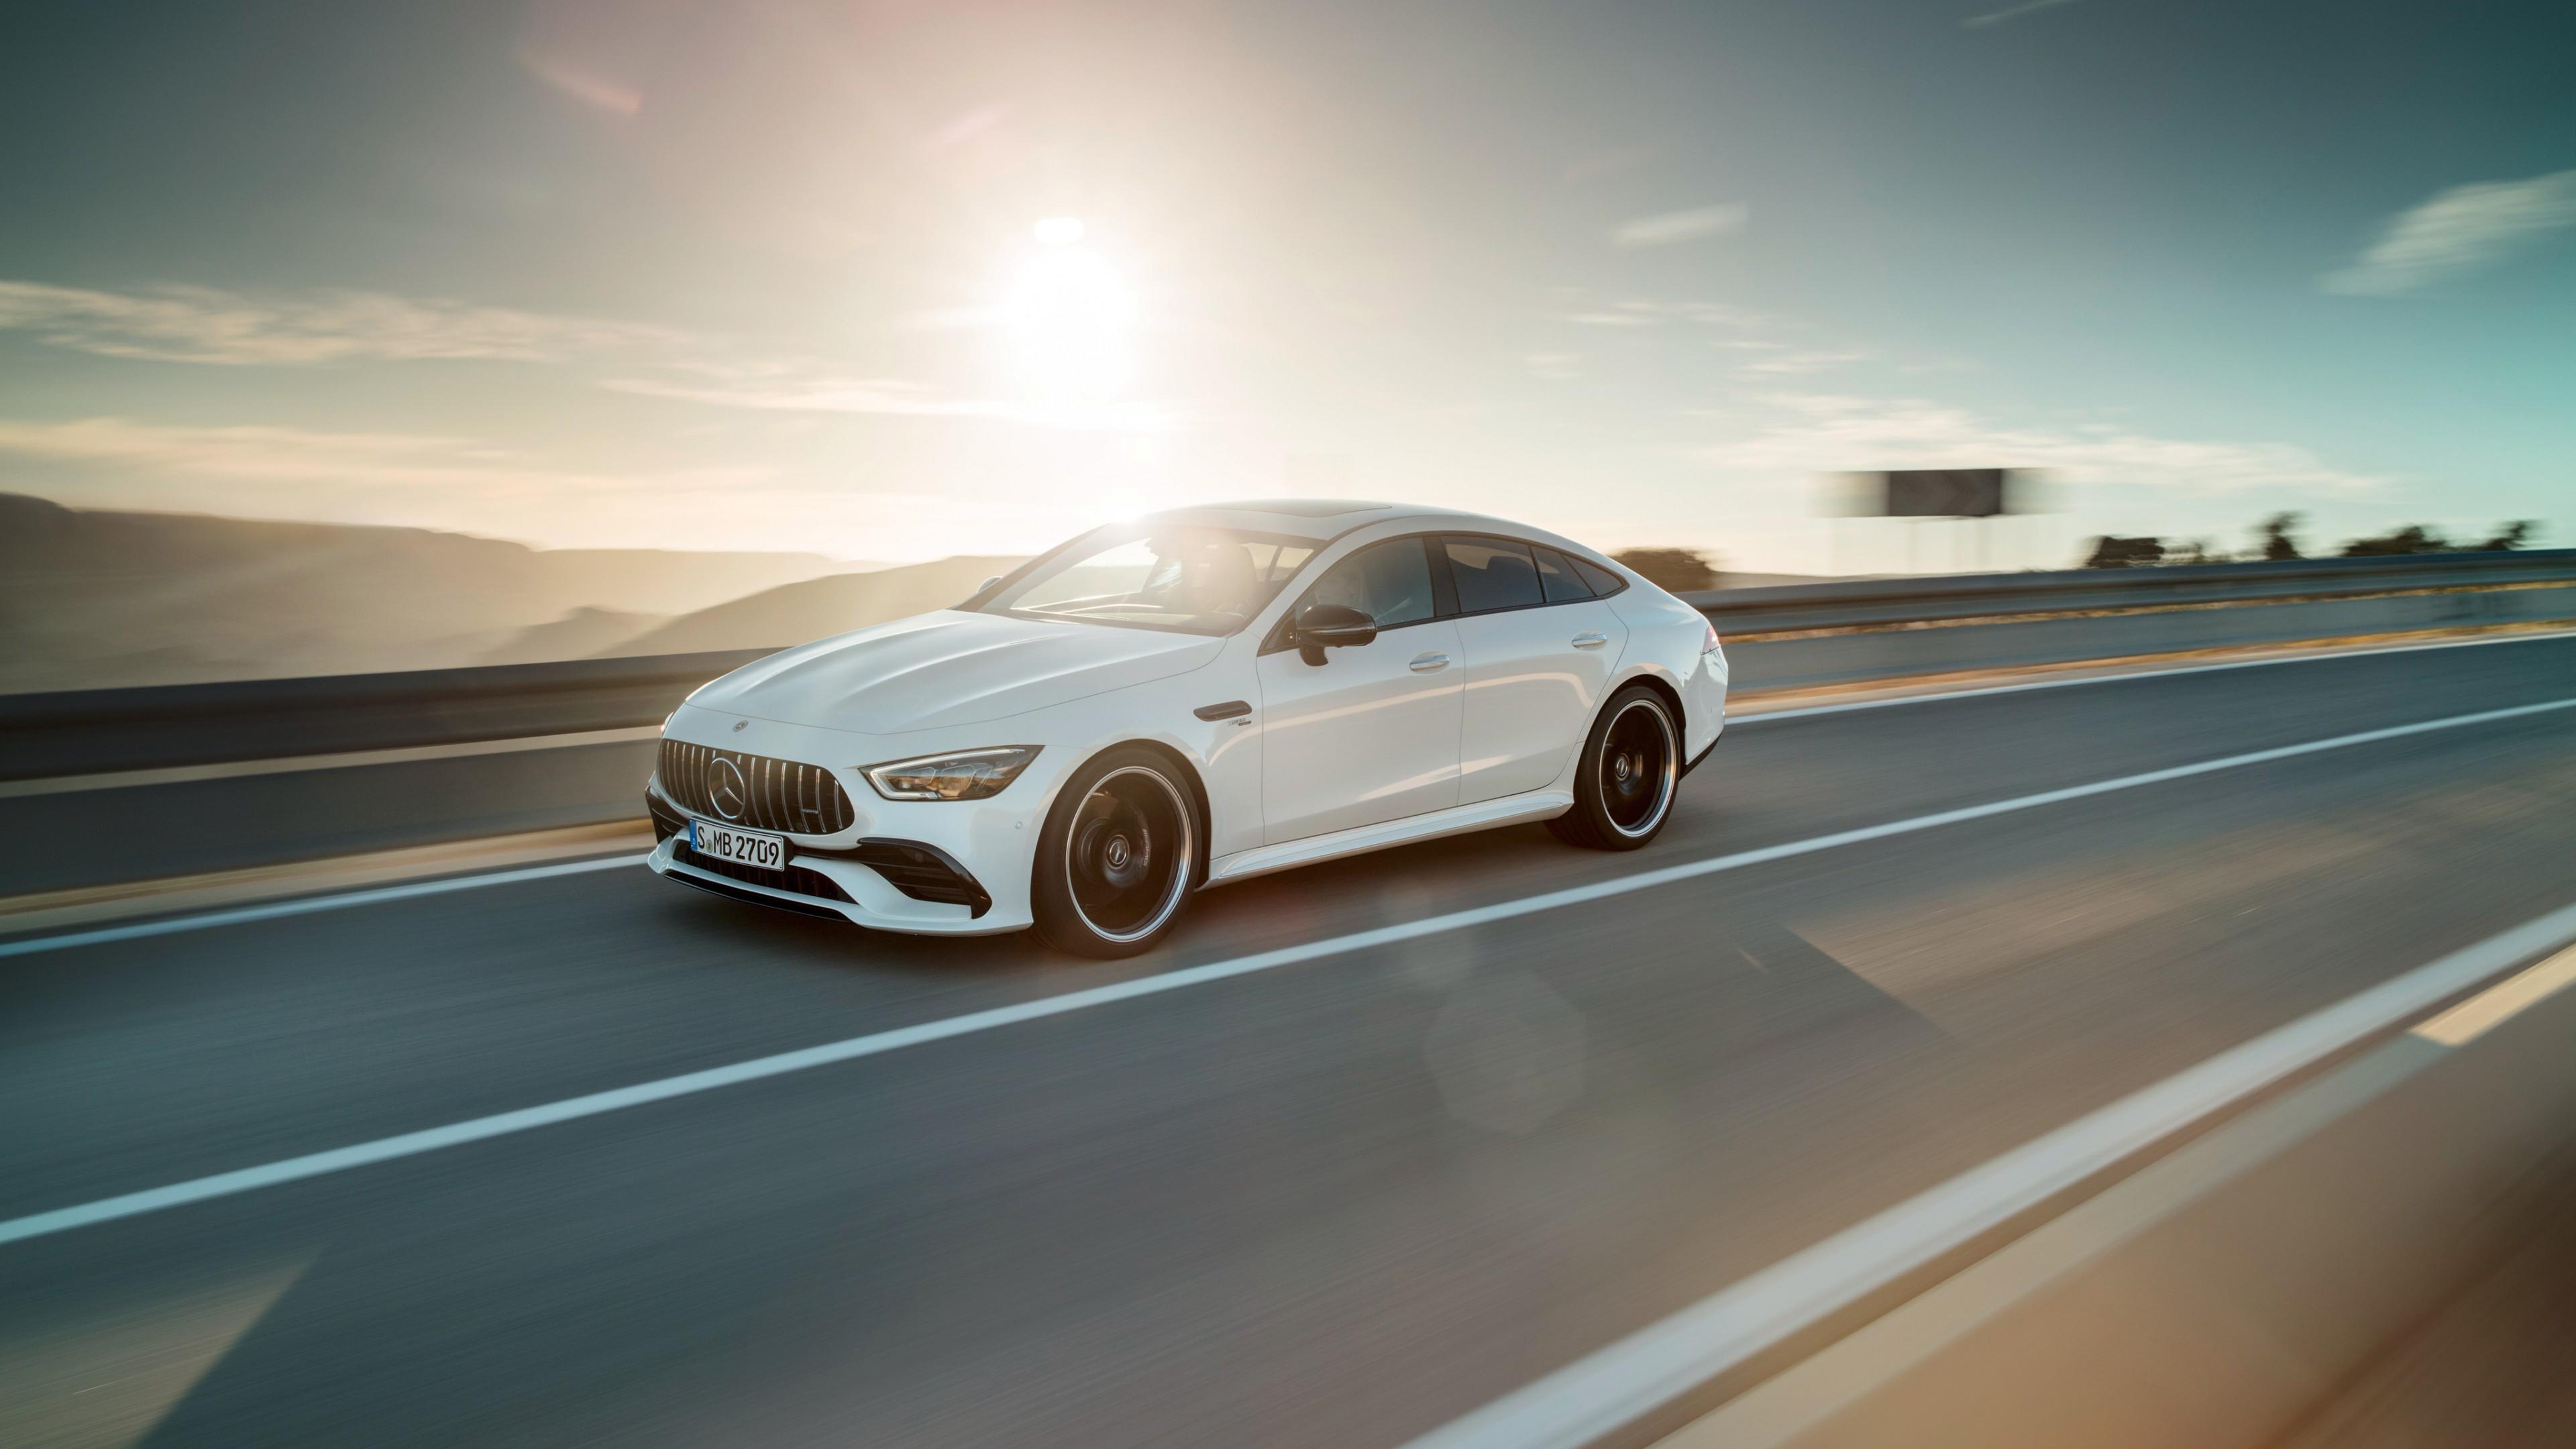 2018 Mercedes AMG GT 53 4Matic 4 Door Coupe 4K 2 Wallpaper ...